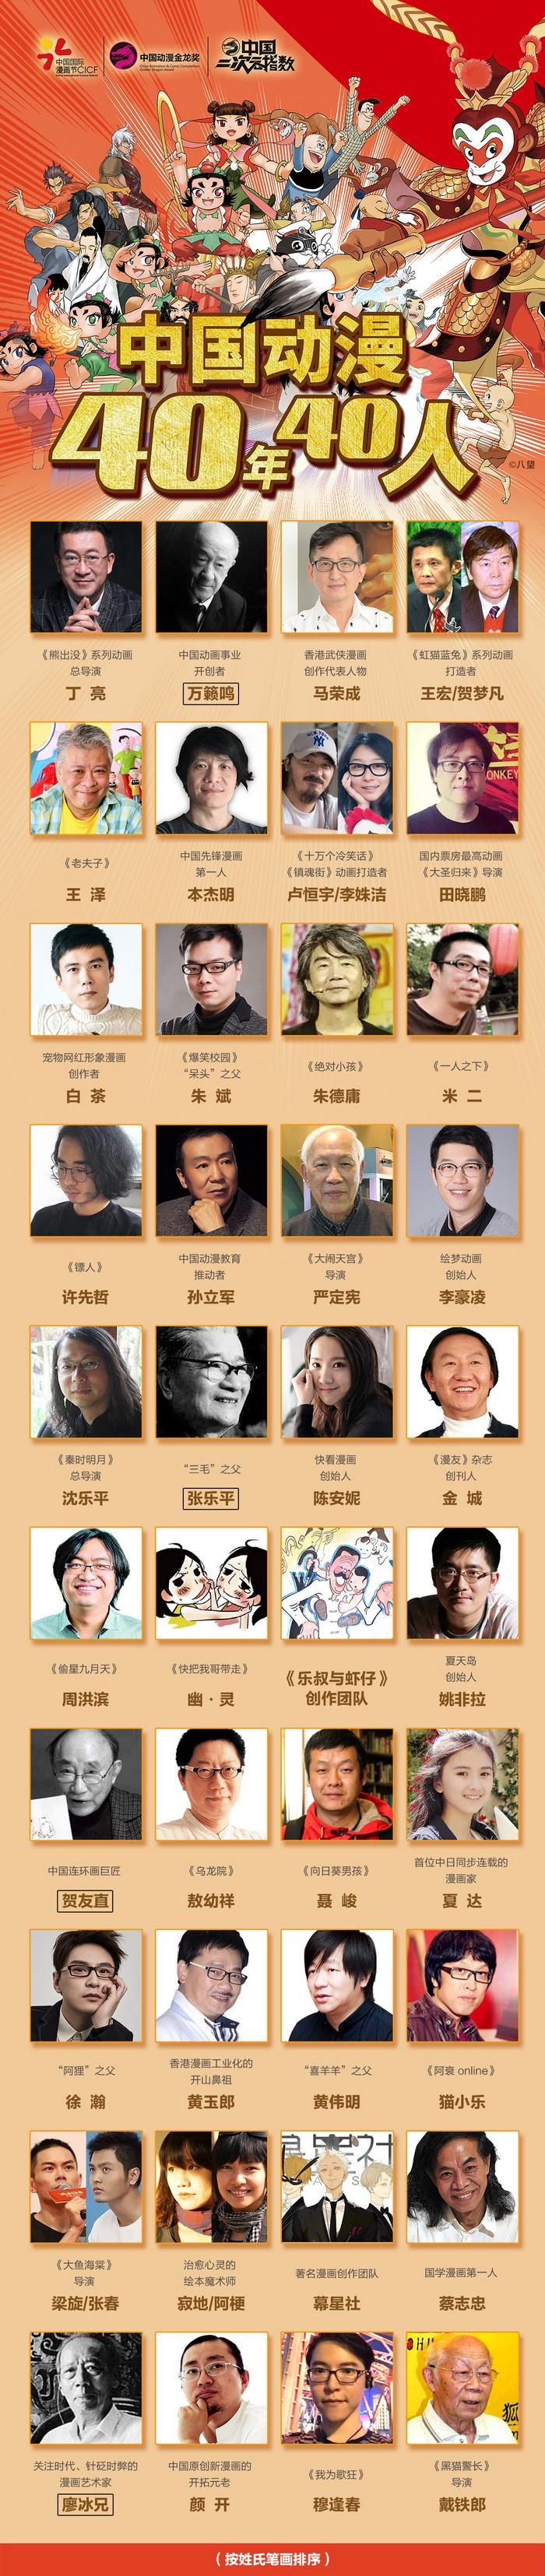 40年40人——中国动漫首次发布致敬名单-ANICOGA